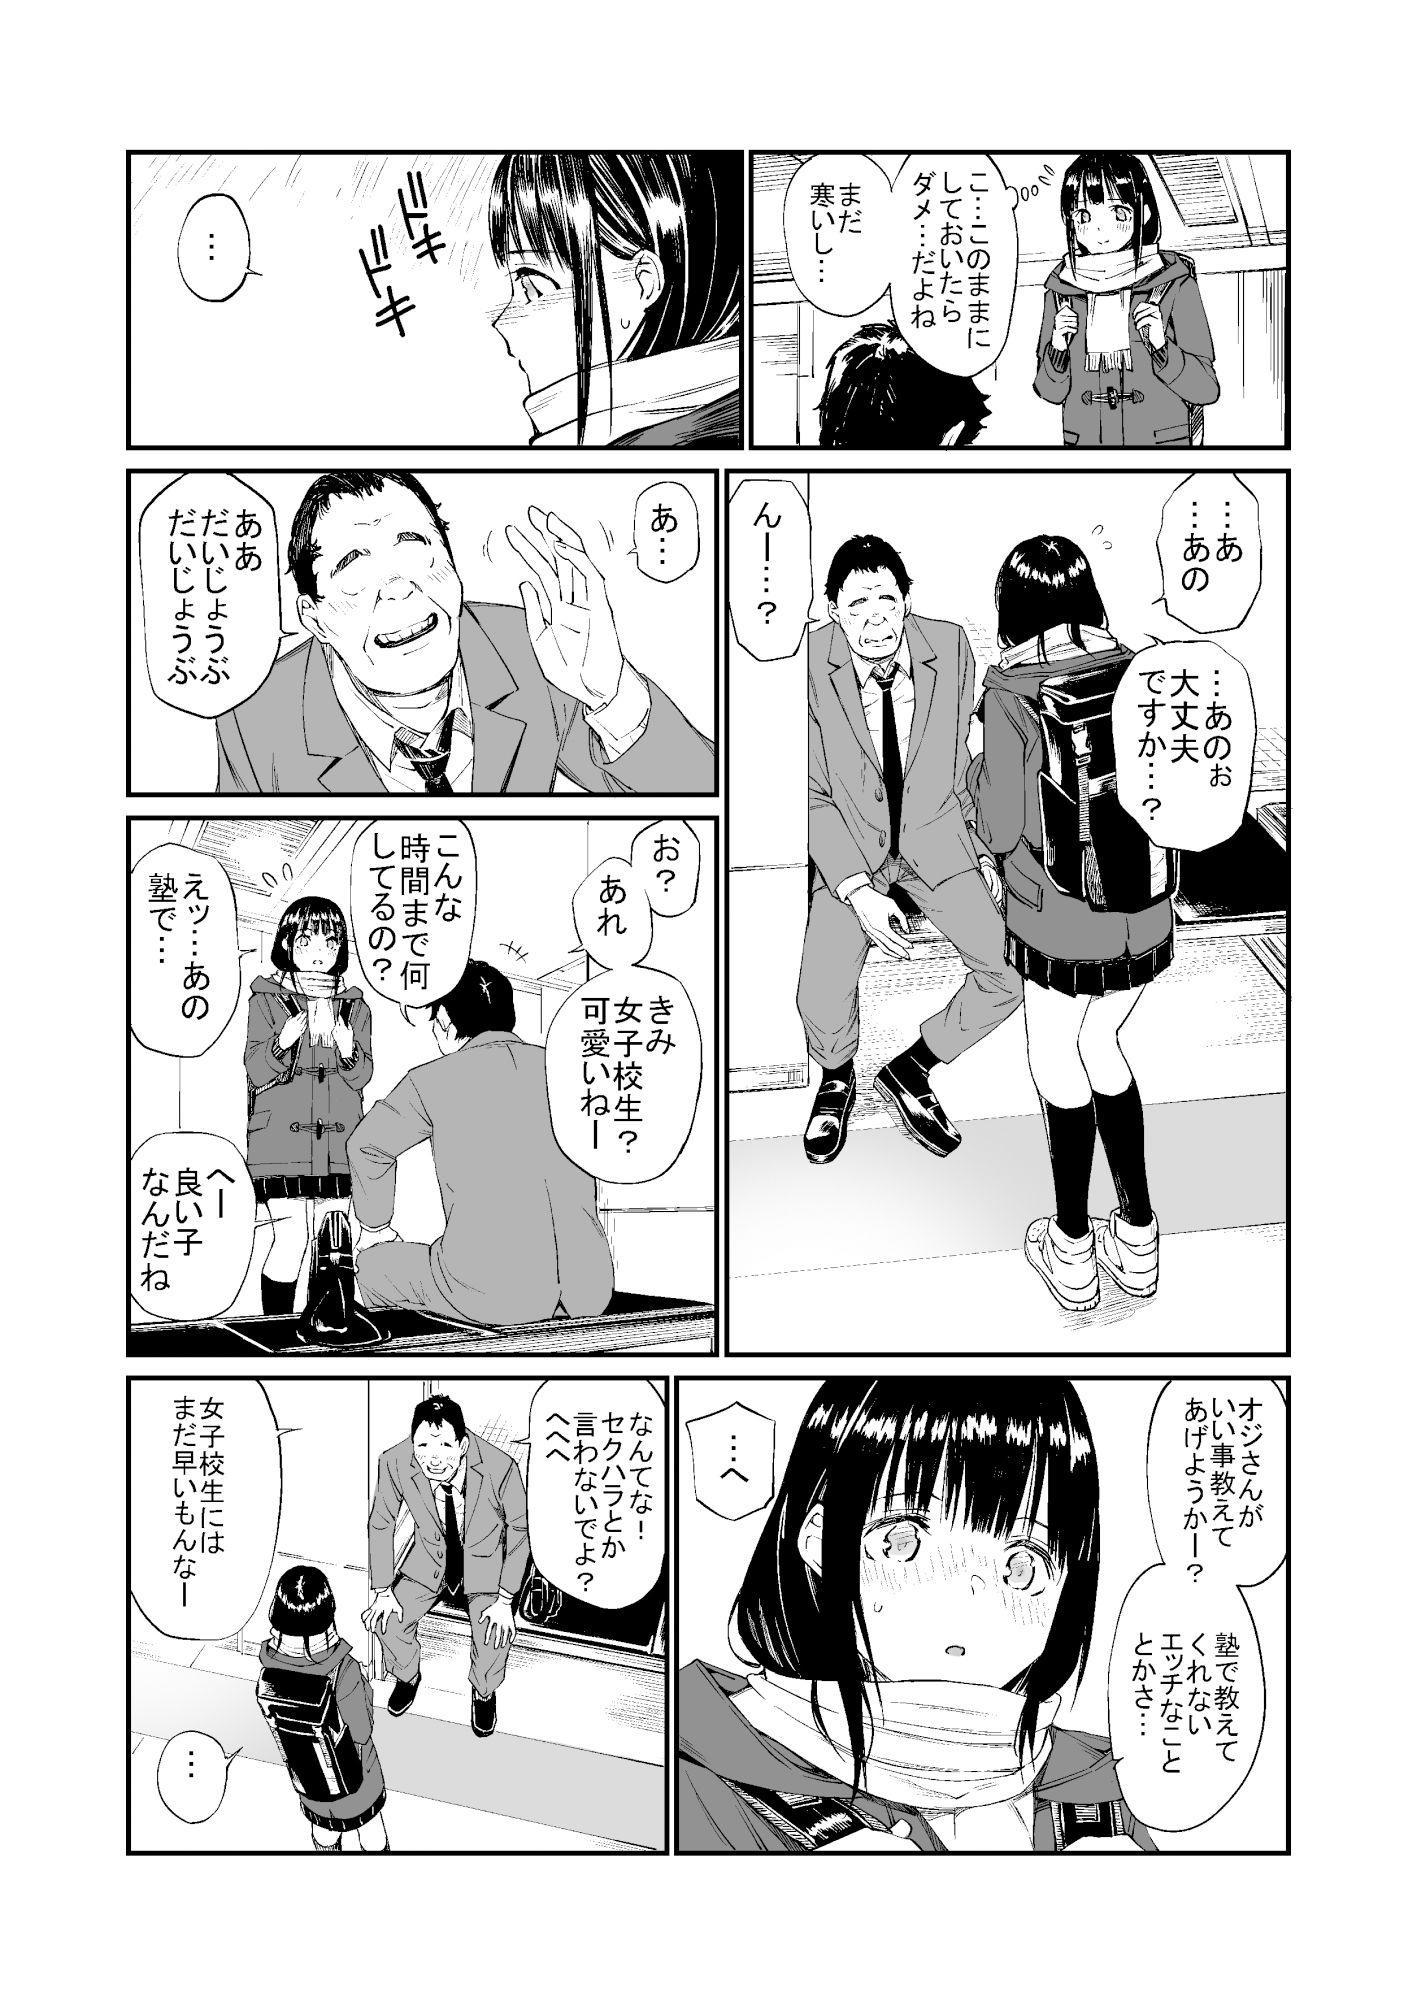 【エロ漫画無料大全集】早くエッチしてみたいと思った女の子がおじさんとのエッチに夢中になり…